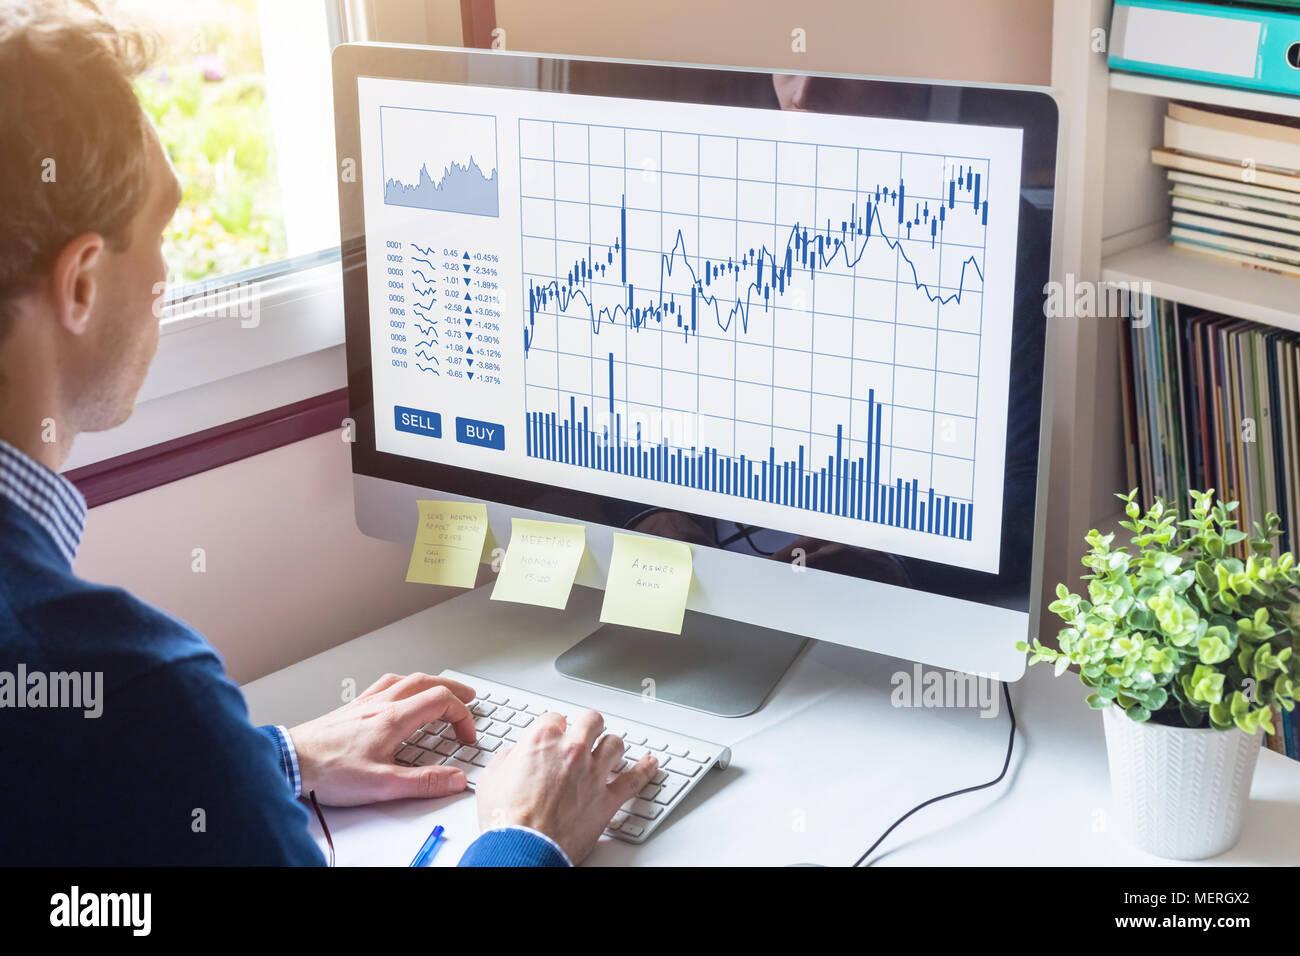 Accueil professionnel analyse forex (foreign exchange) et diagrammes marchands achat vente boutons sur écran d'ordinateur, bourse, investissement, de la technologie financière ( Banque D'Images